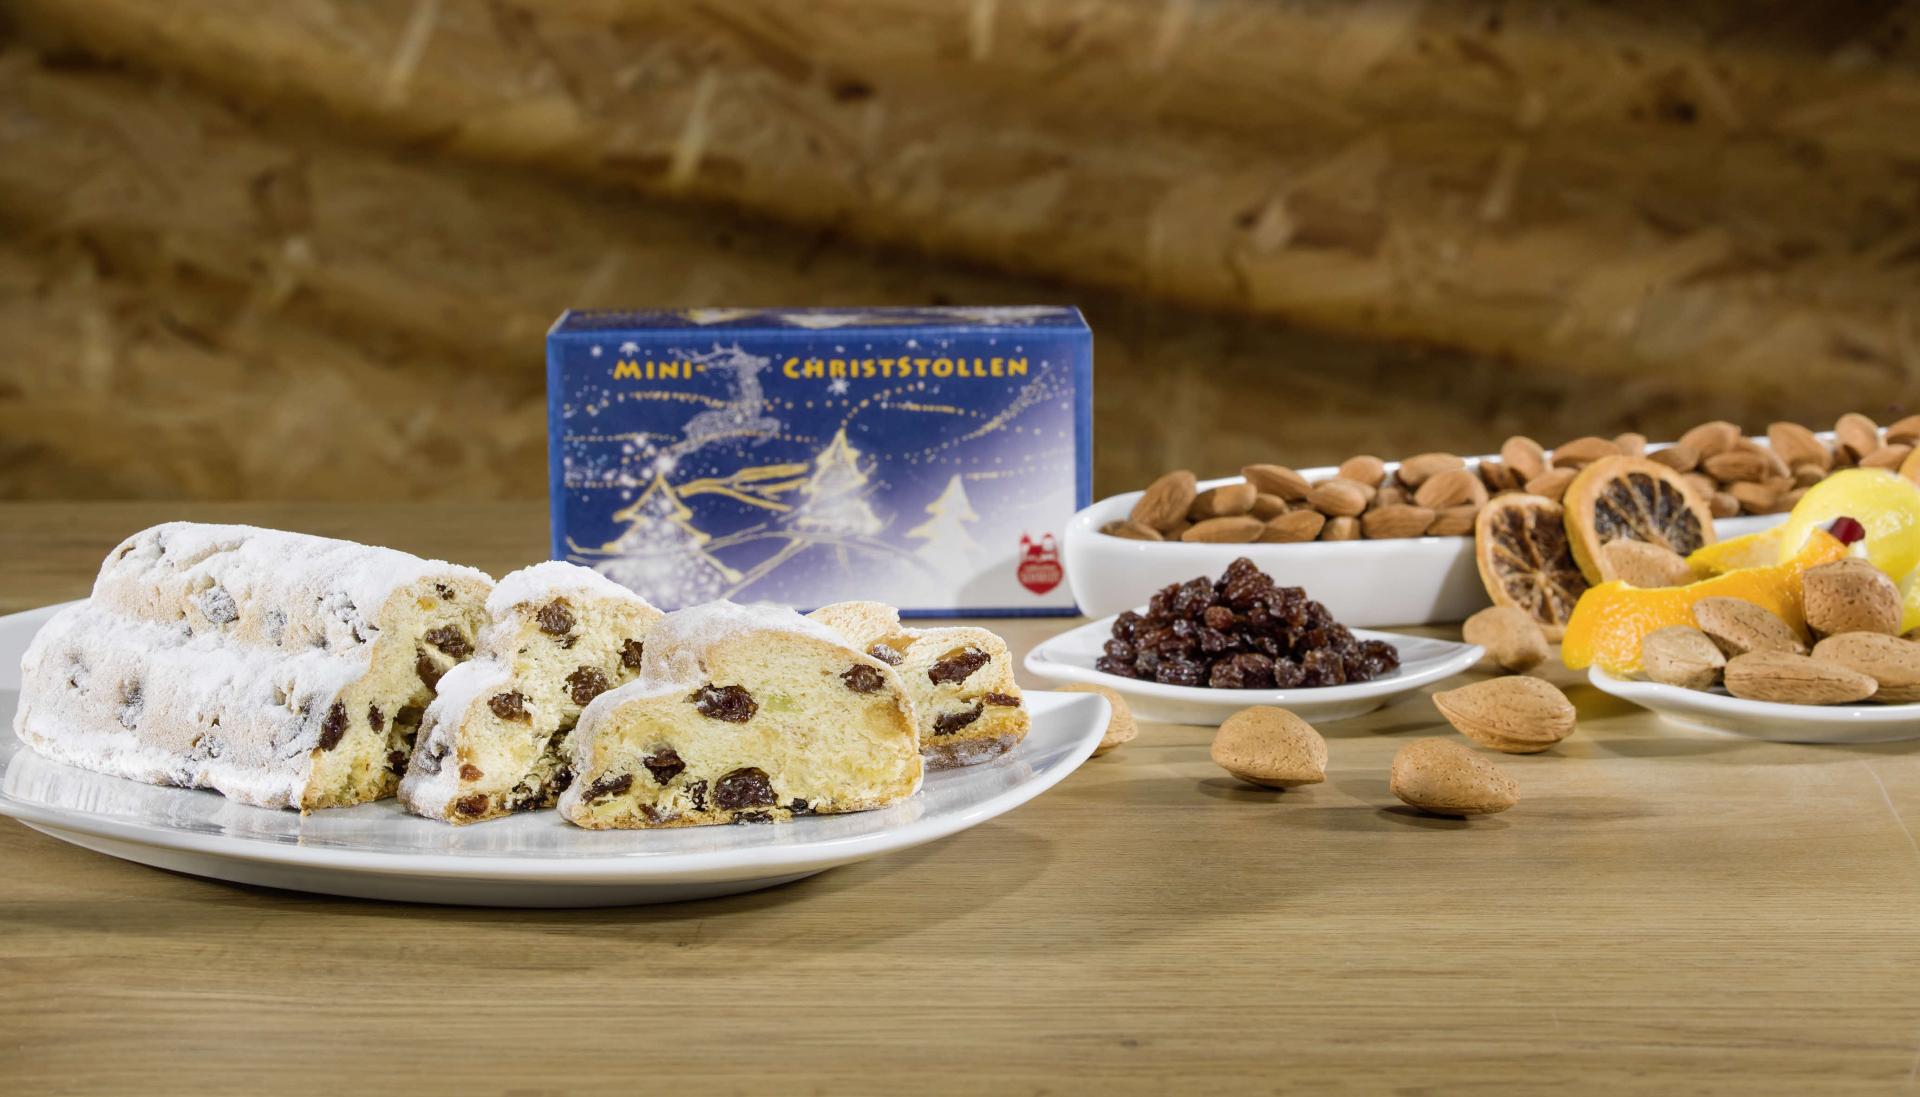 Lebkuchen-Schmidt Mini Christstollen serviert auf eine Teller